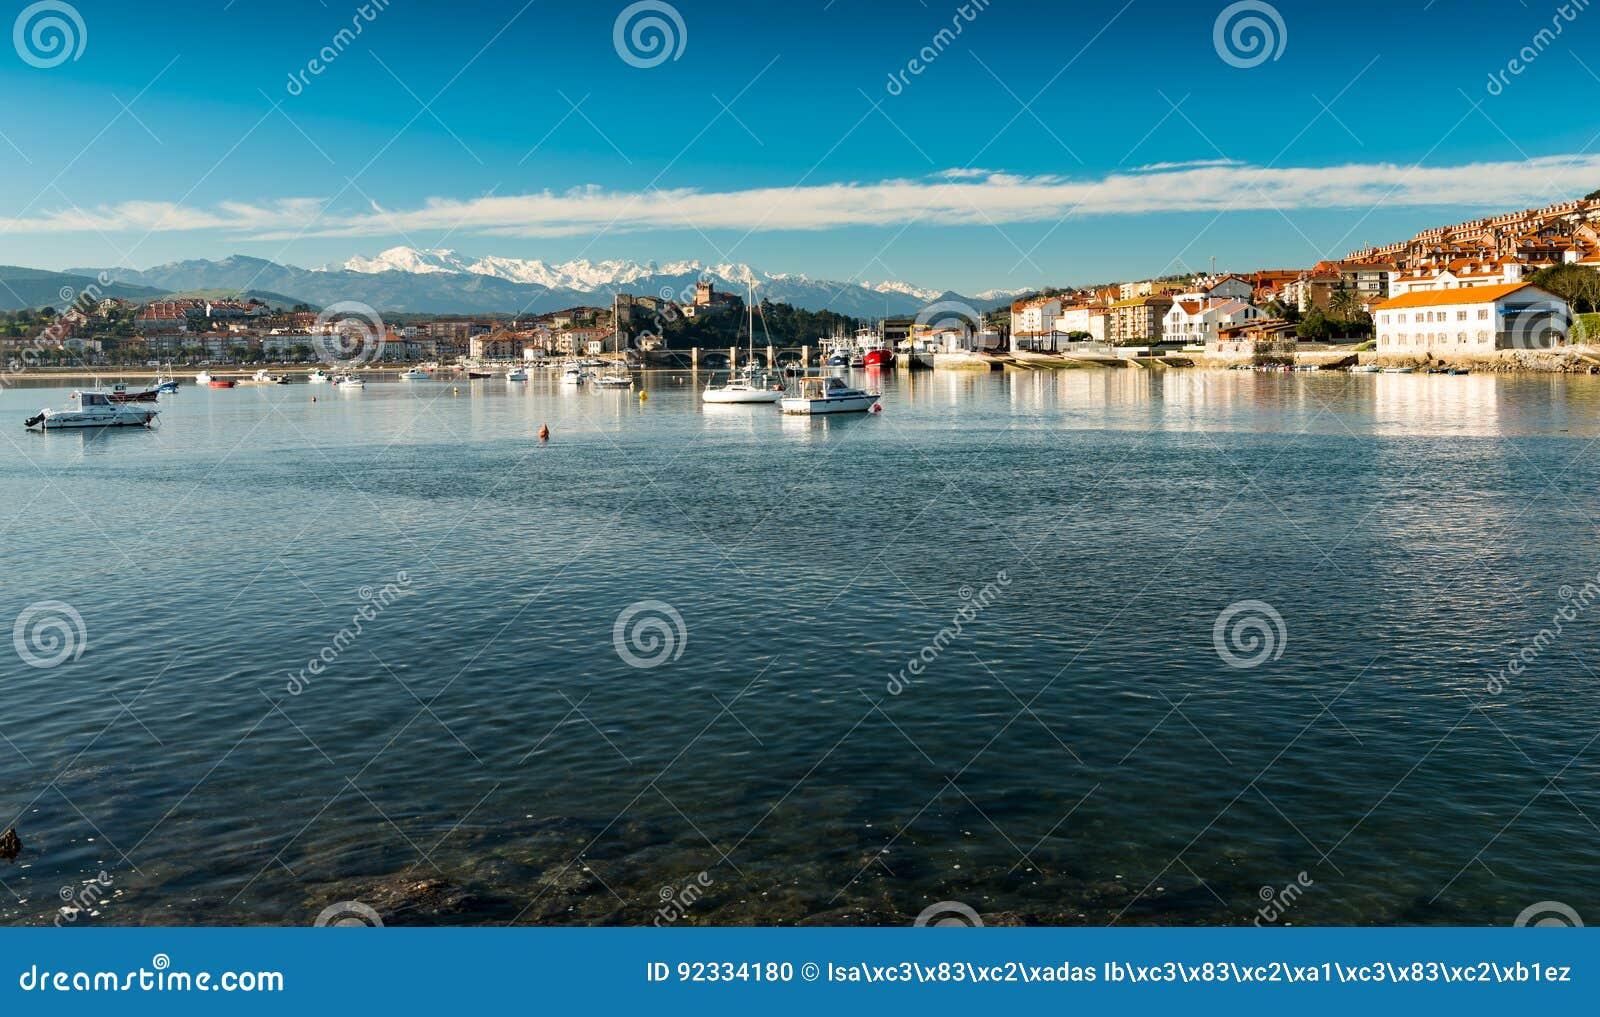 Puerto de San Vicente de la Barquera Santander Cantabria españa